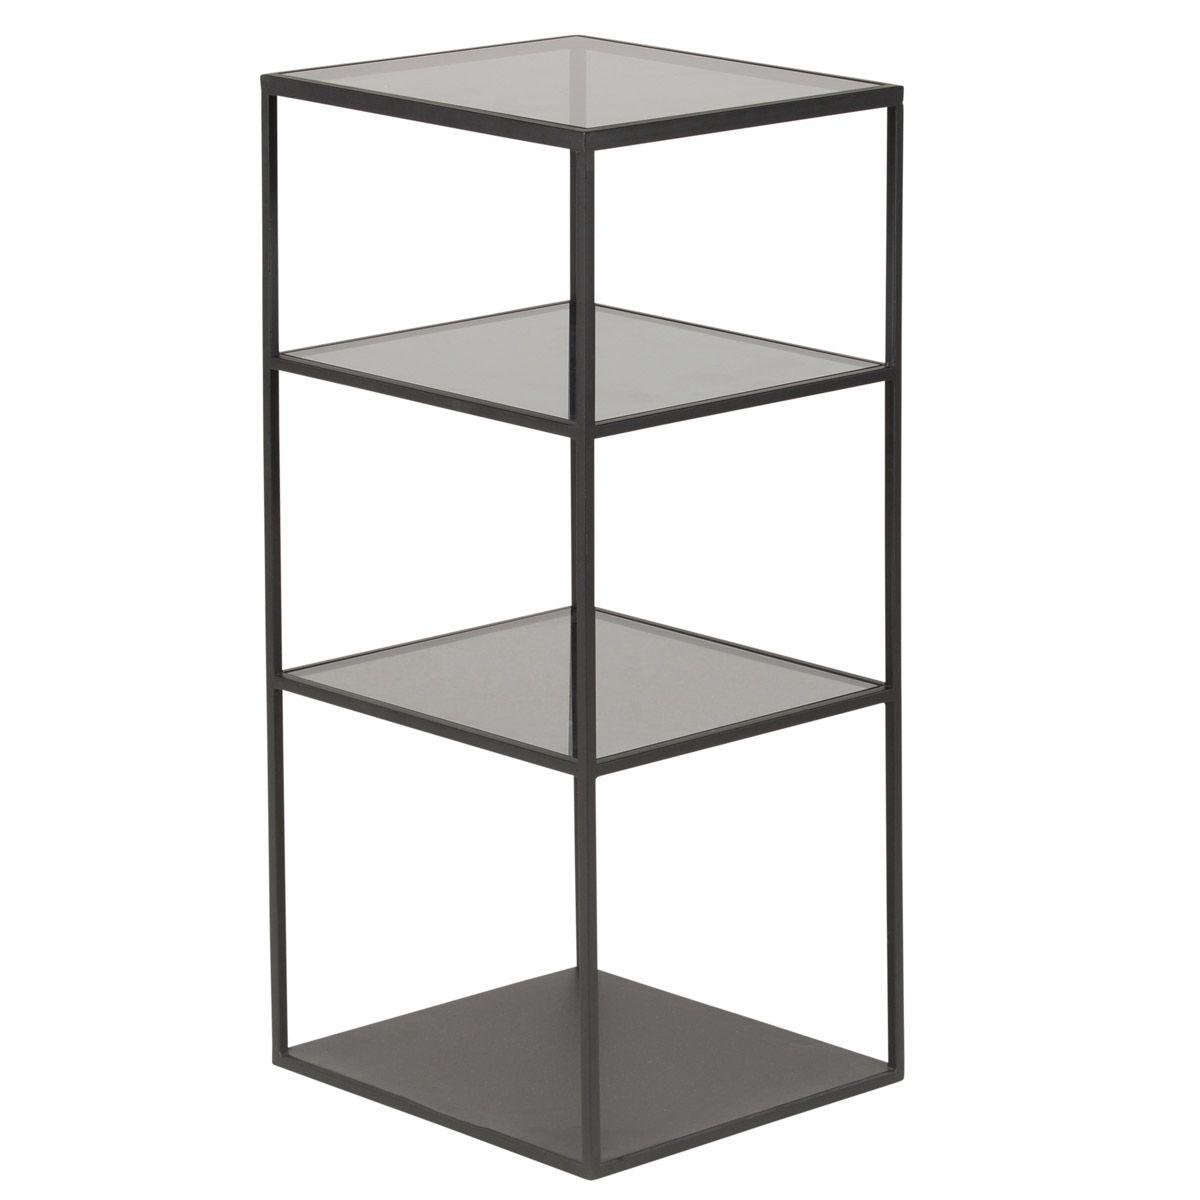 Etagère en métal noir avec 3 étagère en verre trempé